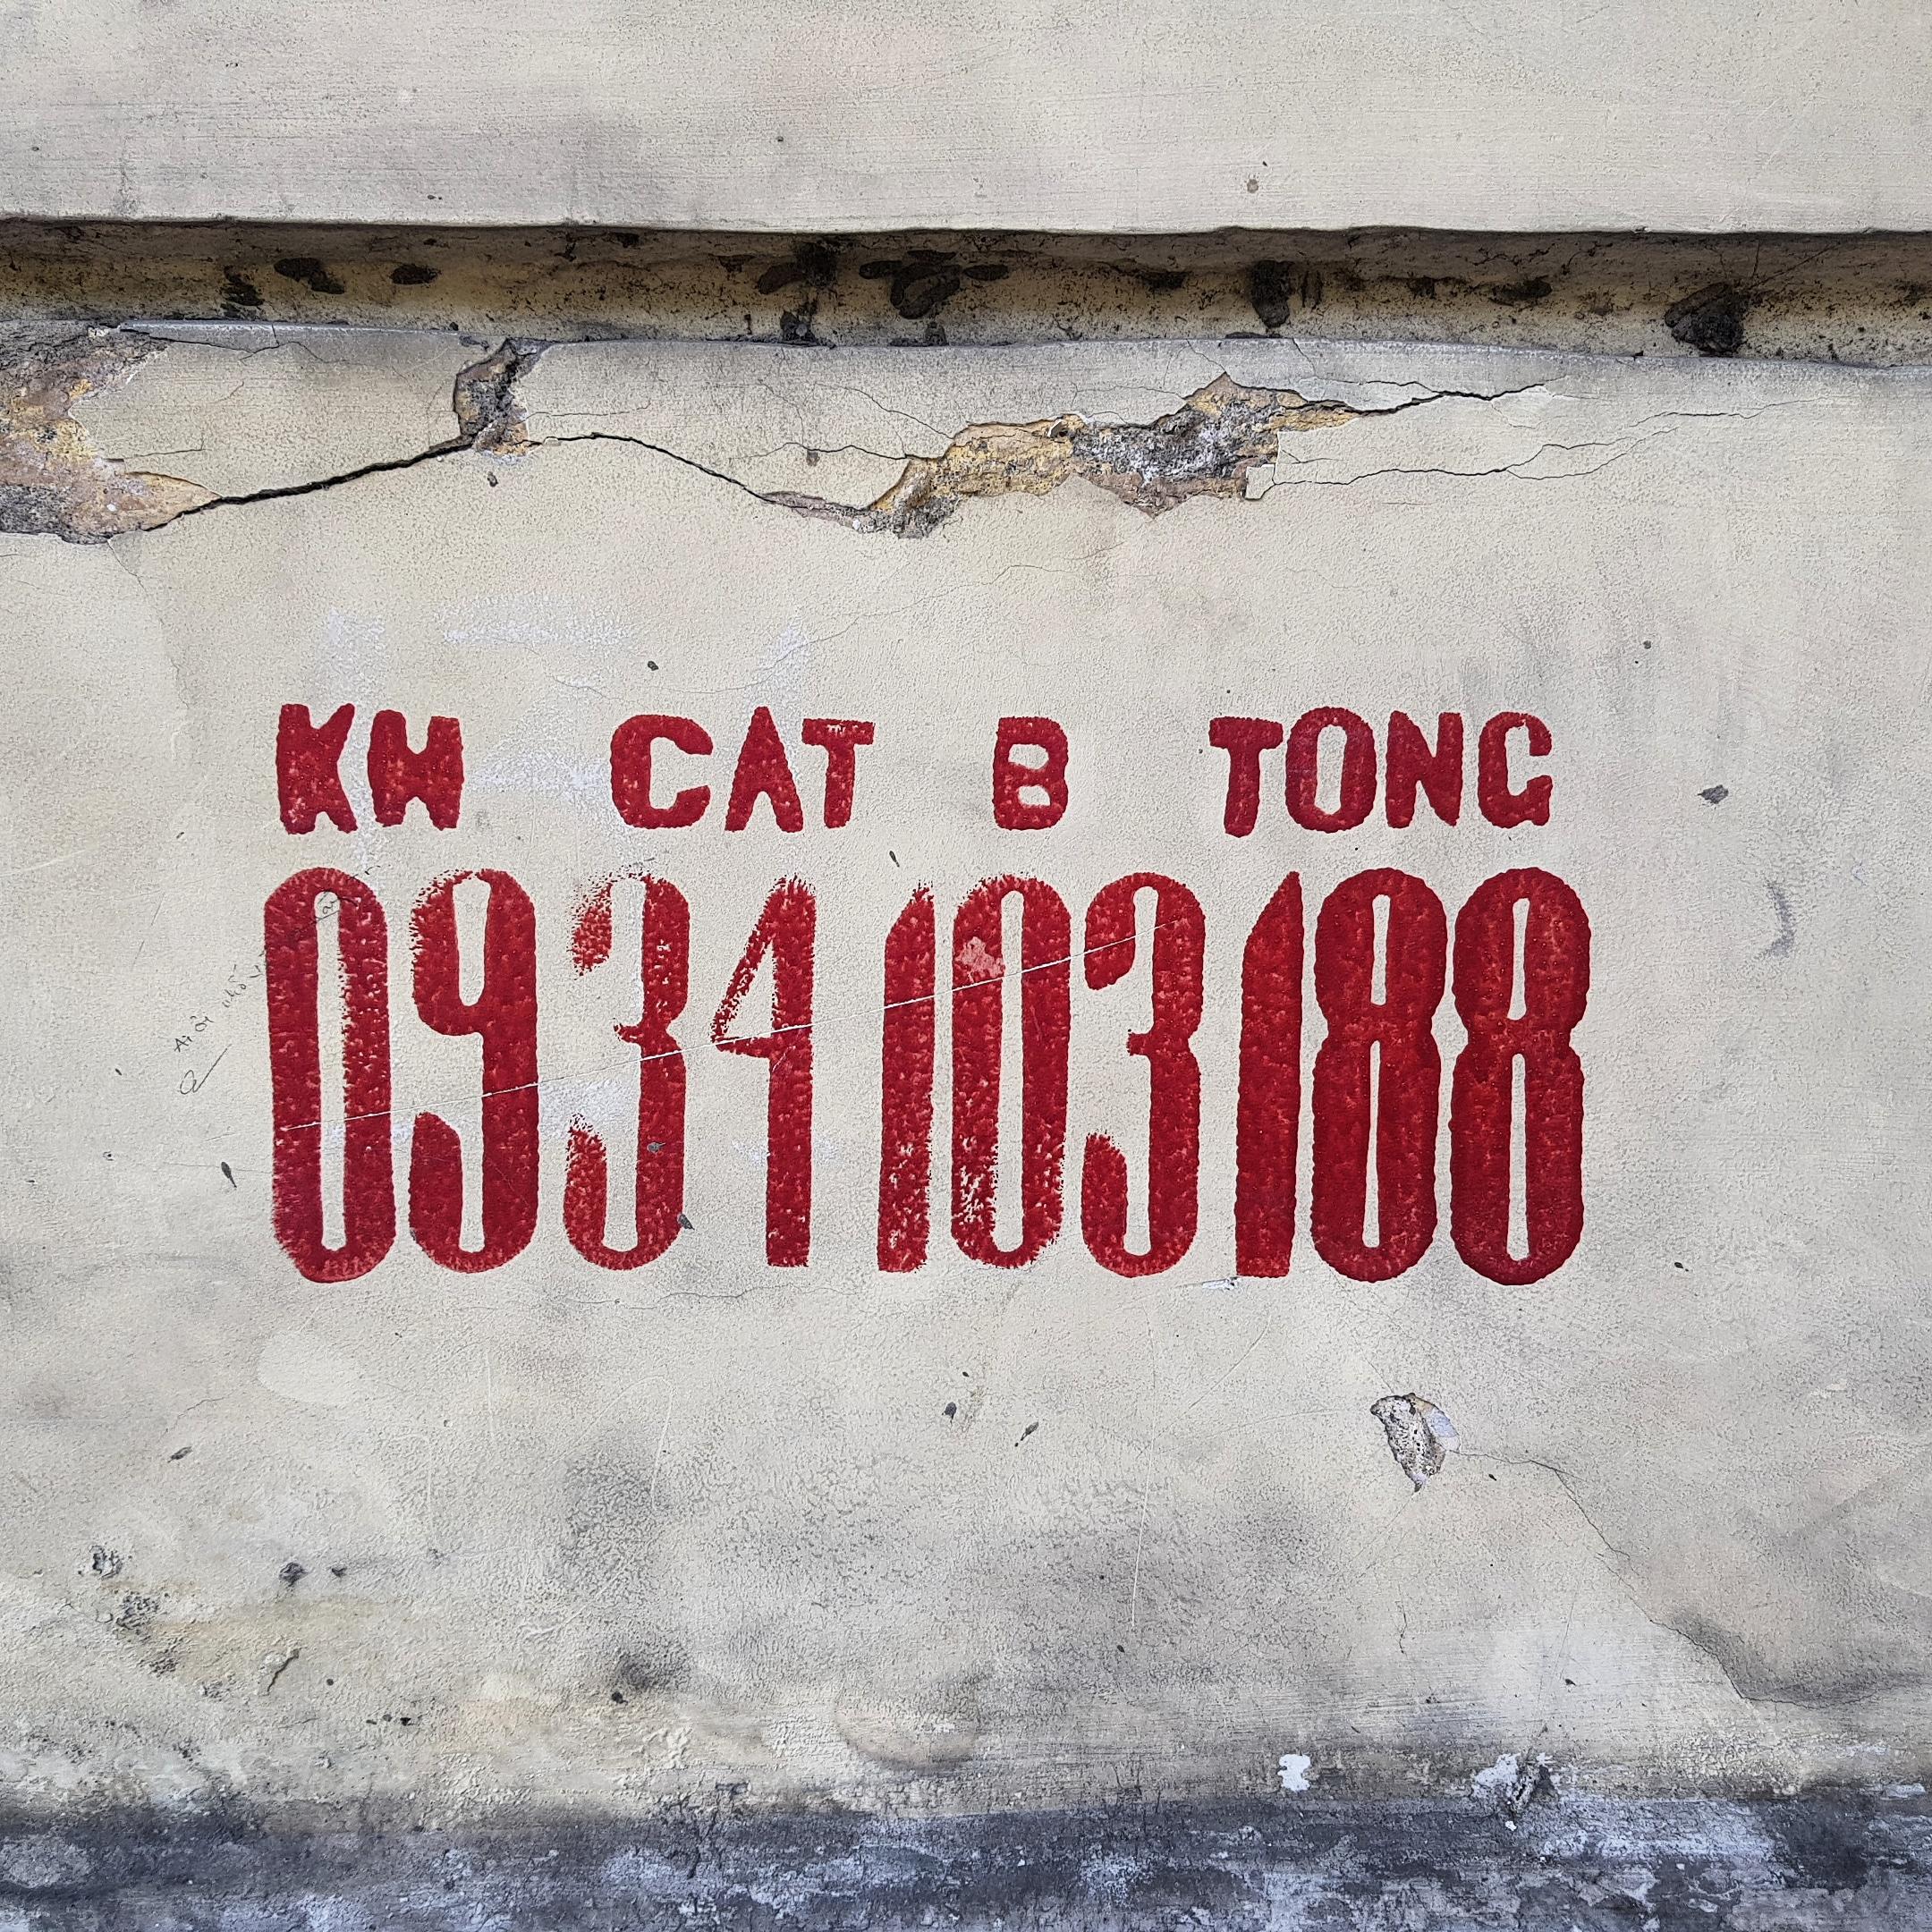 kh-cat-b-tong